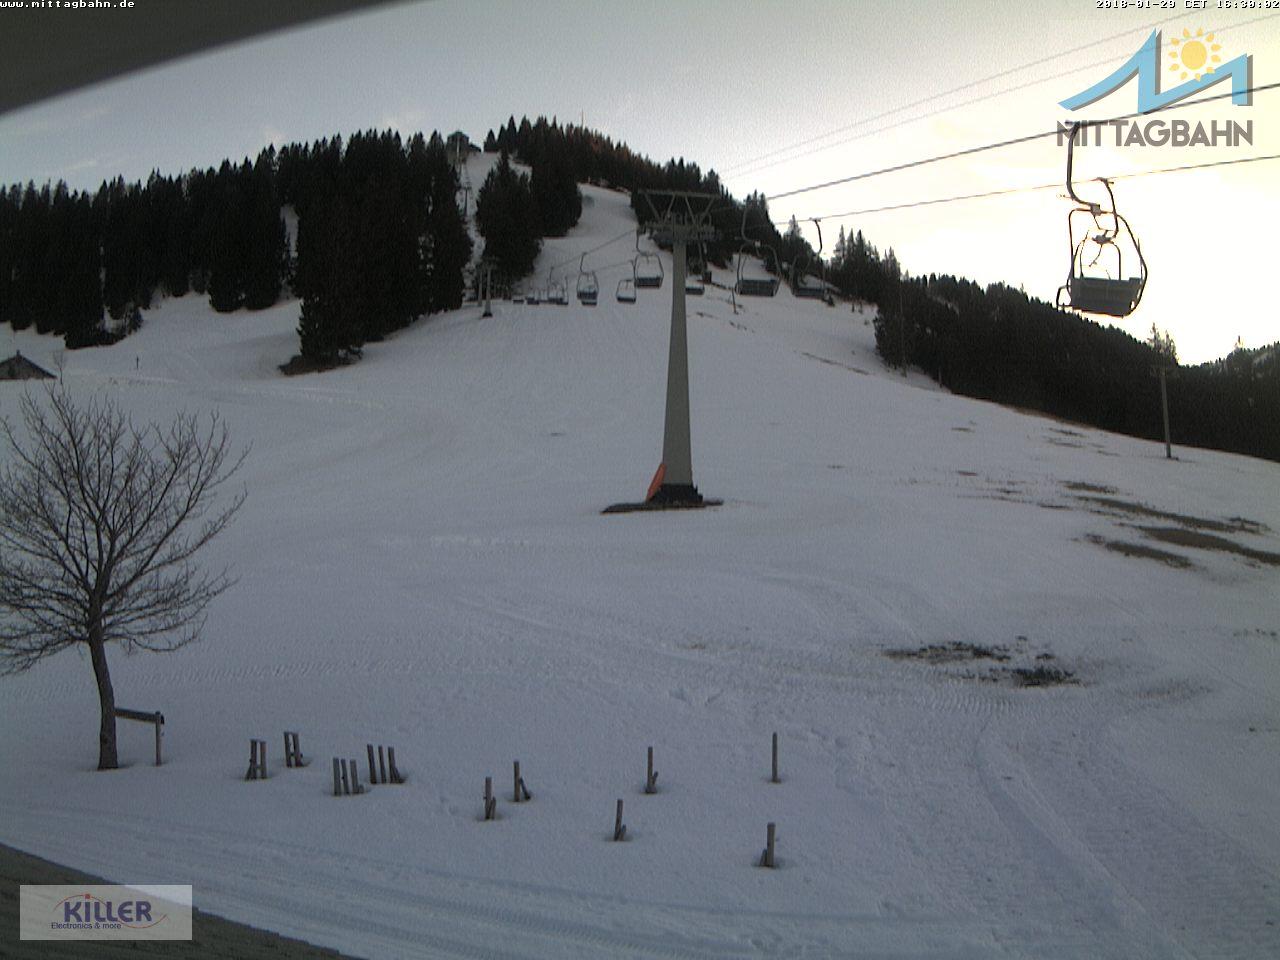 Webcam Skigebiet Immenstadt - Mittag cam 6 - Allg�u